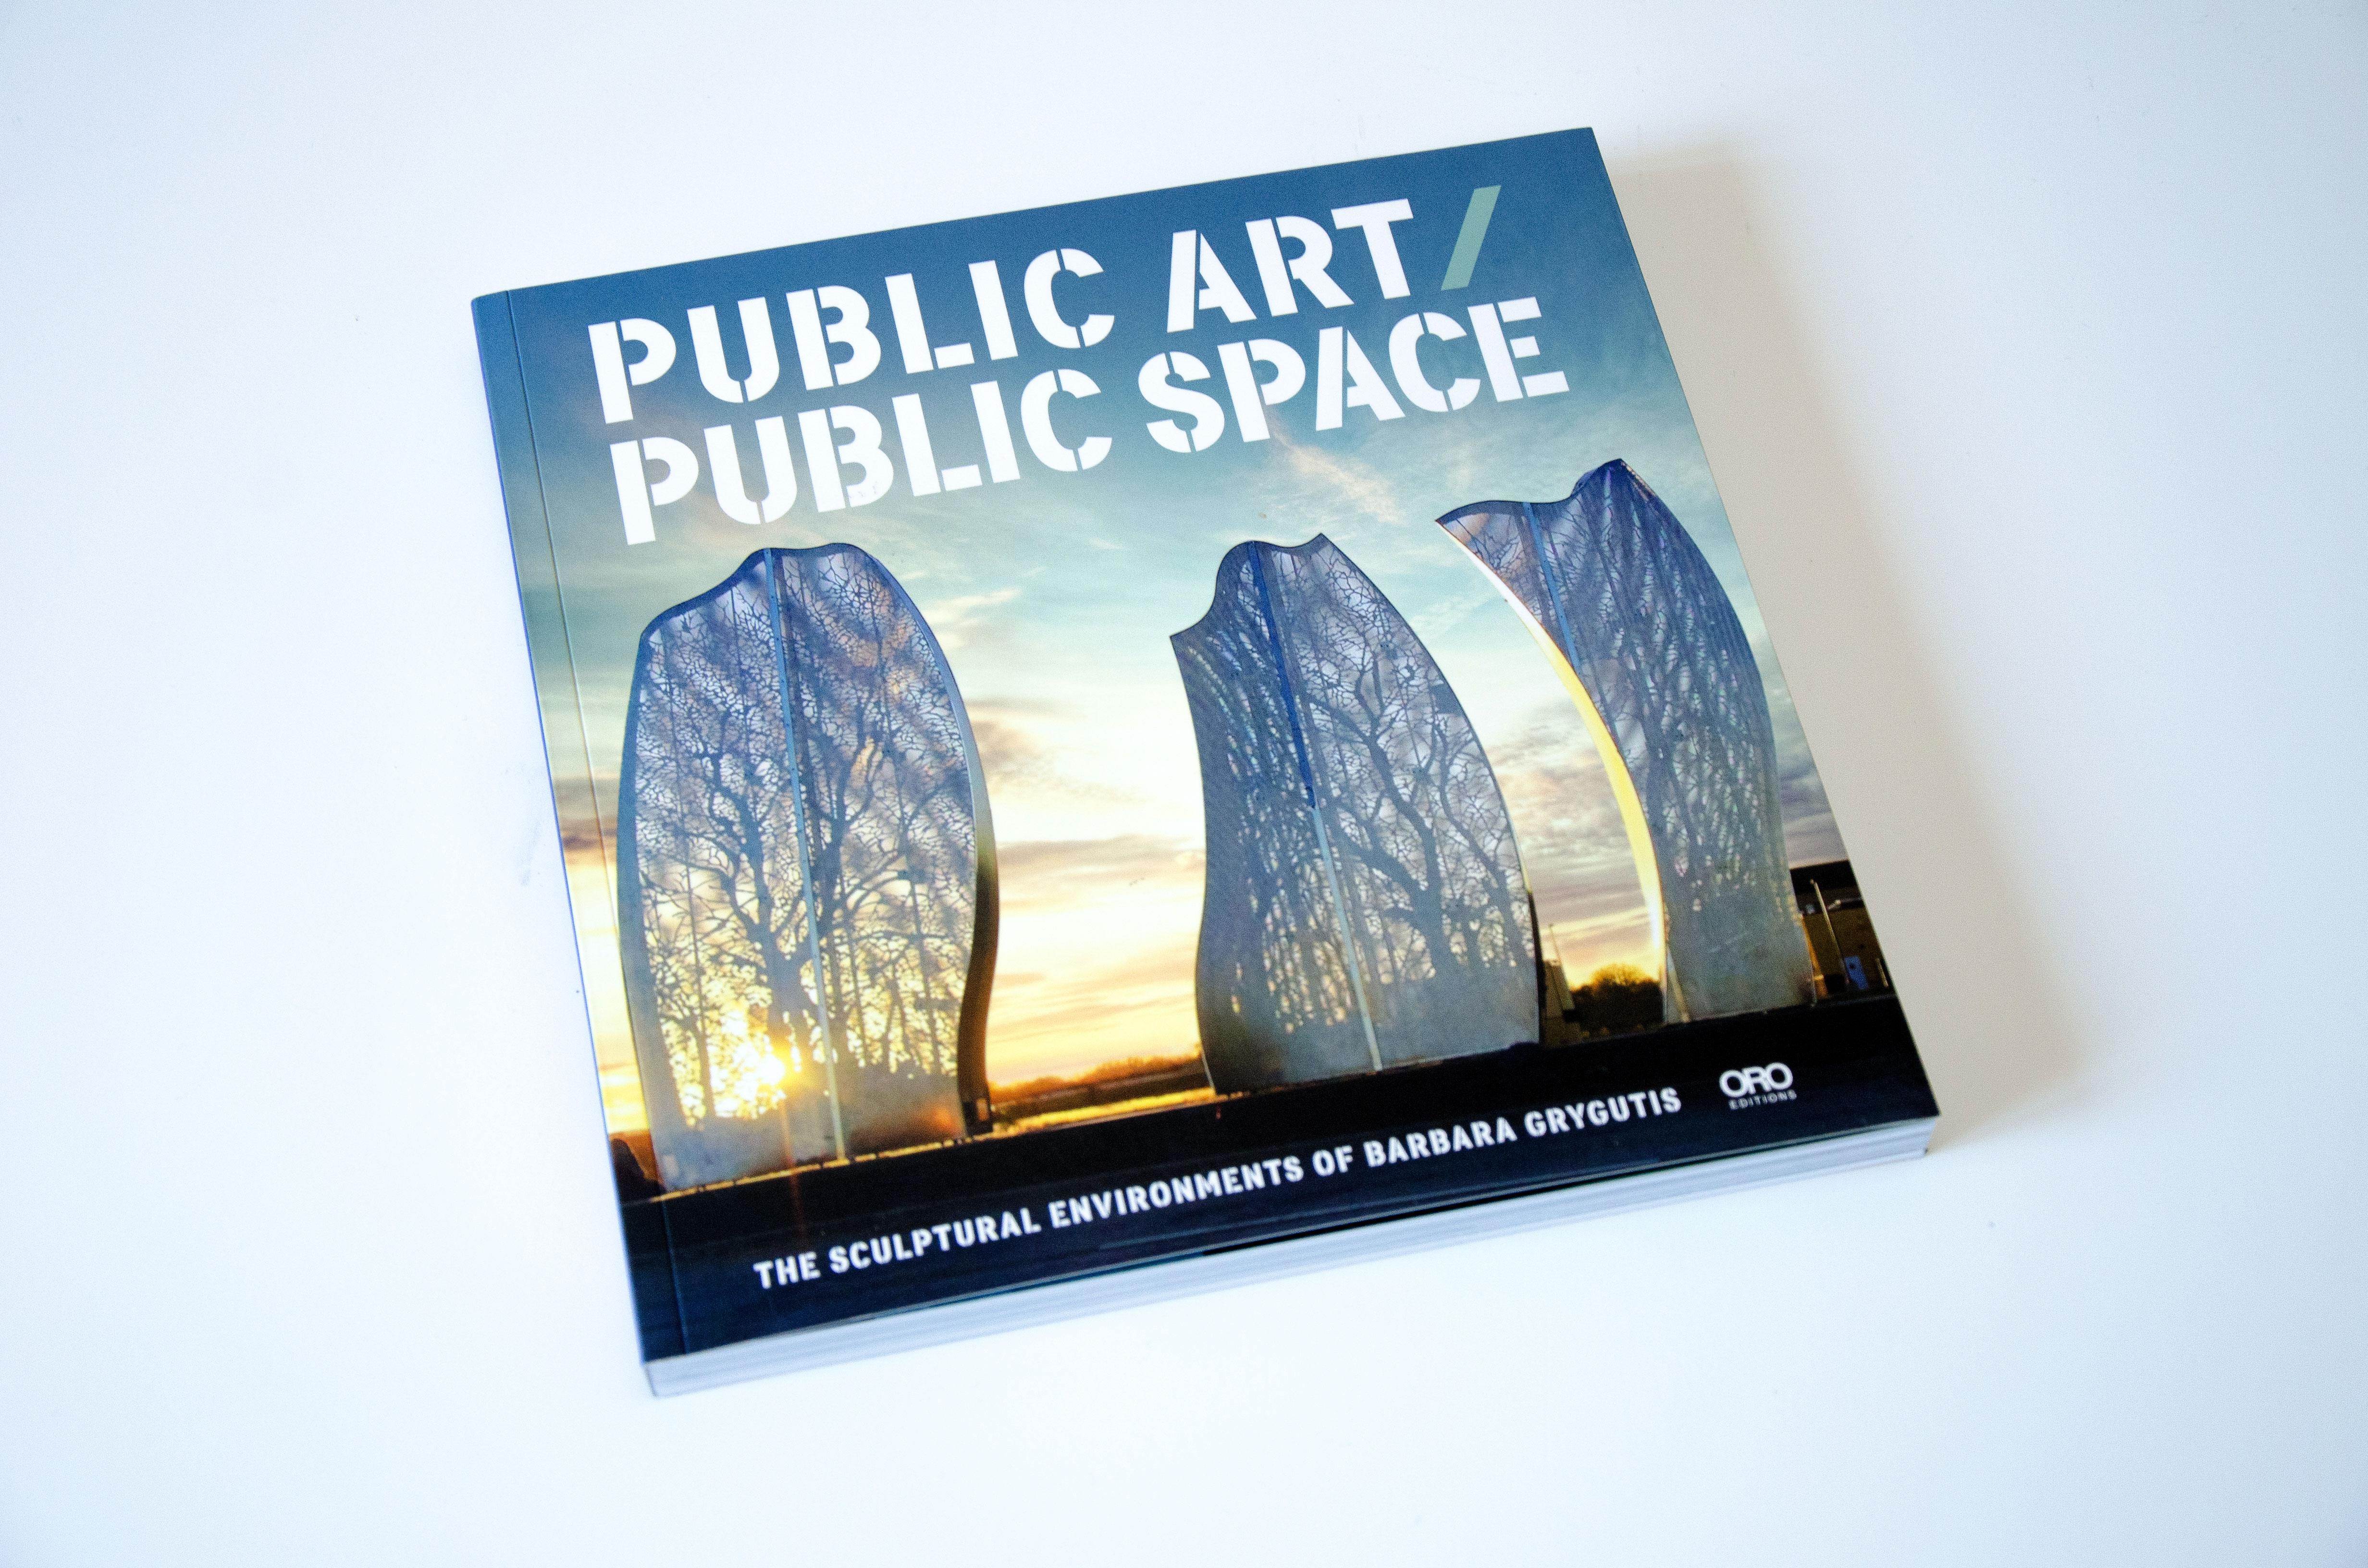 Public Art / Public Space 1